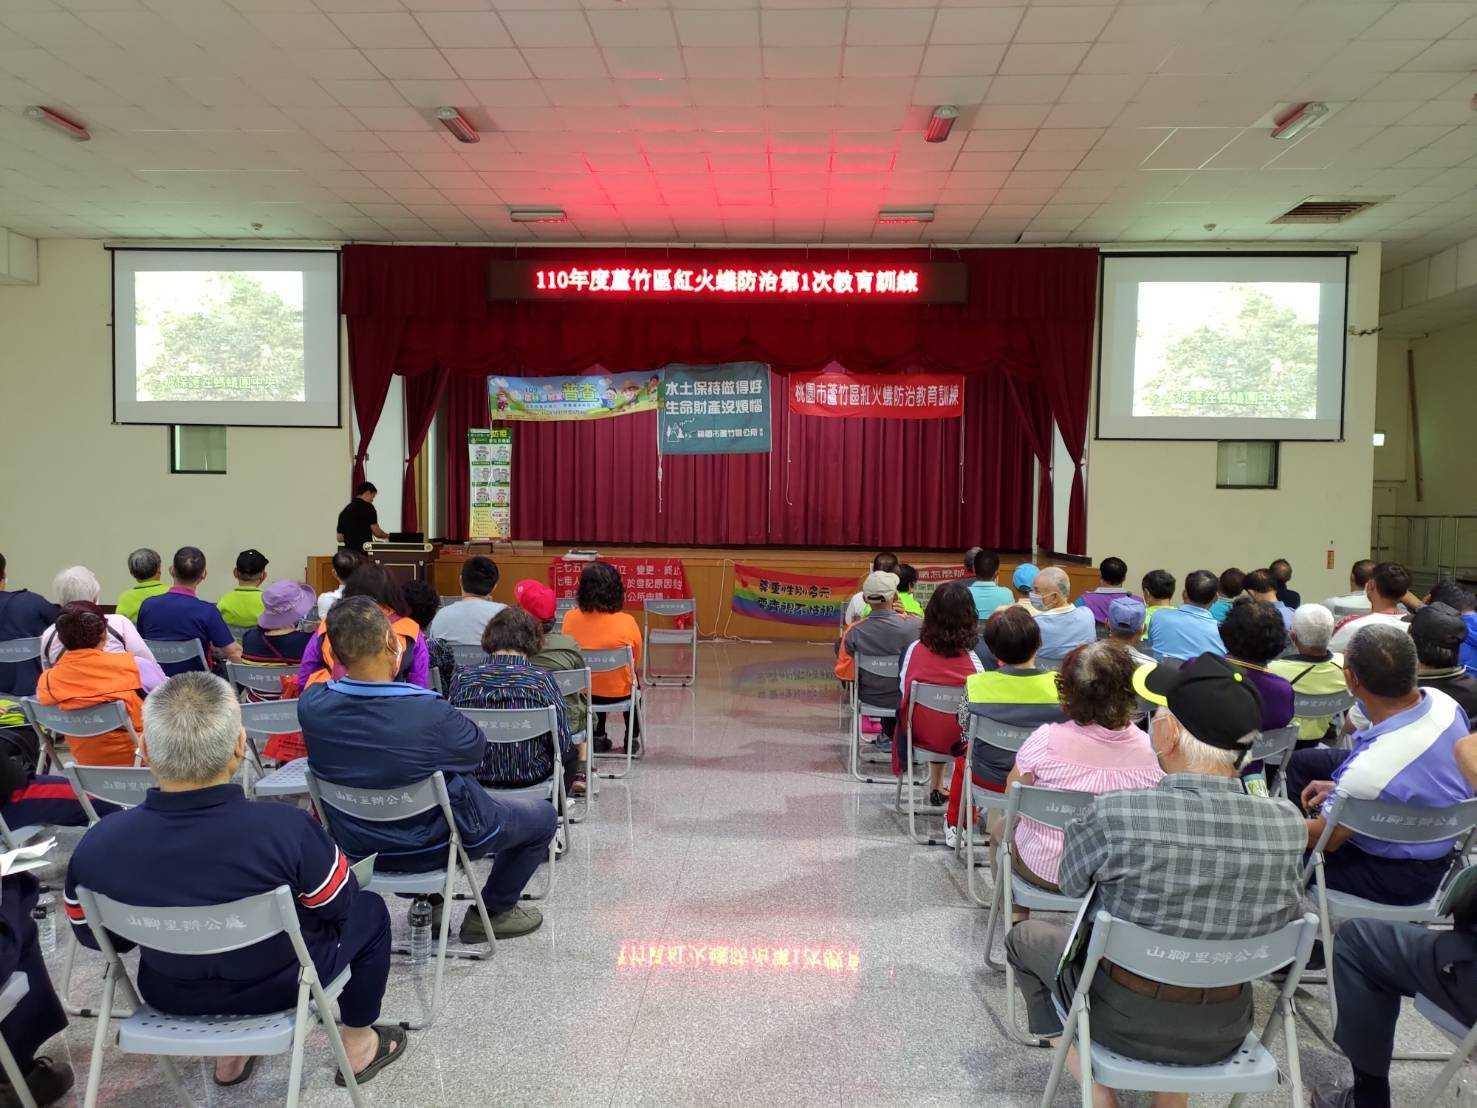 110年桃園市蘆竹區水土保持教育宣導教育訓練